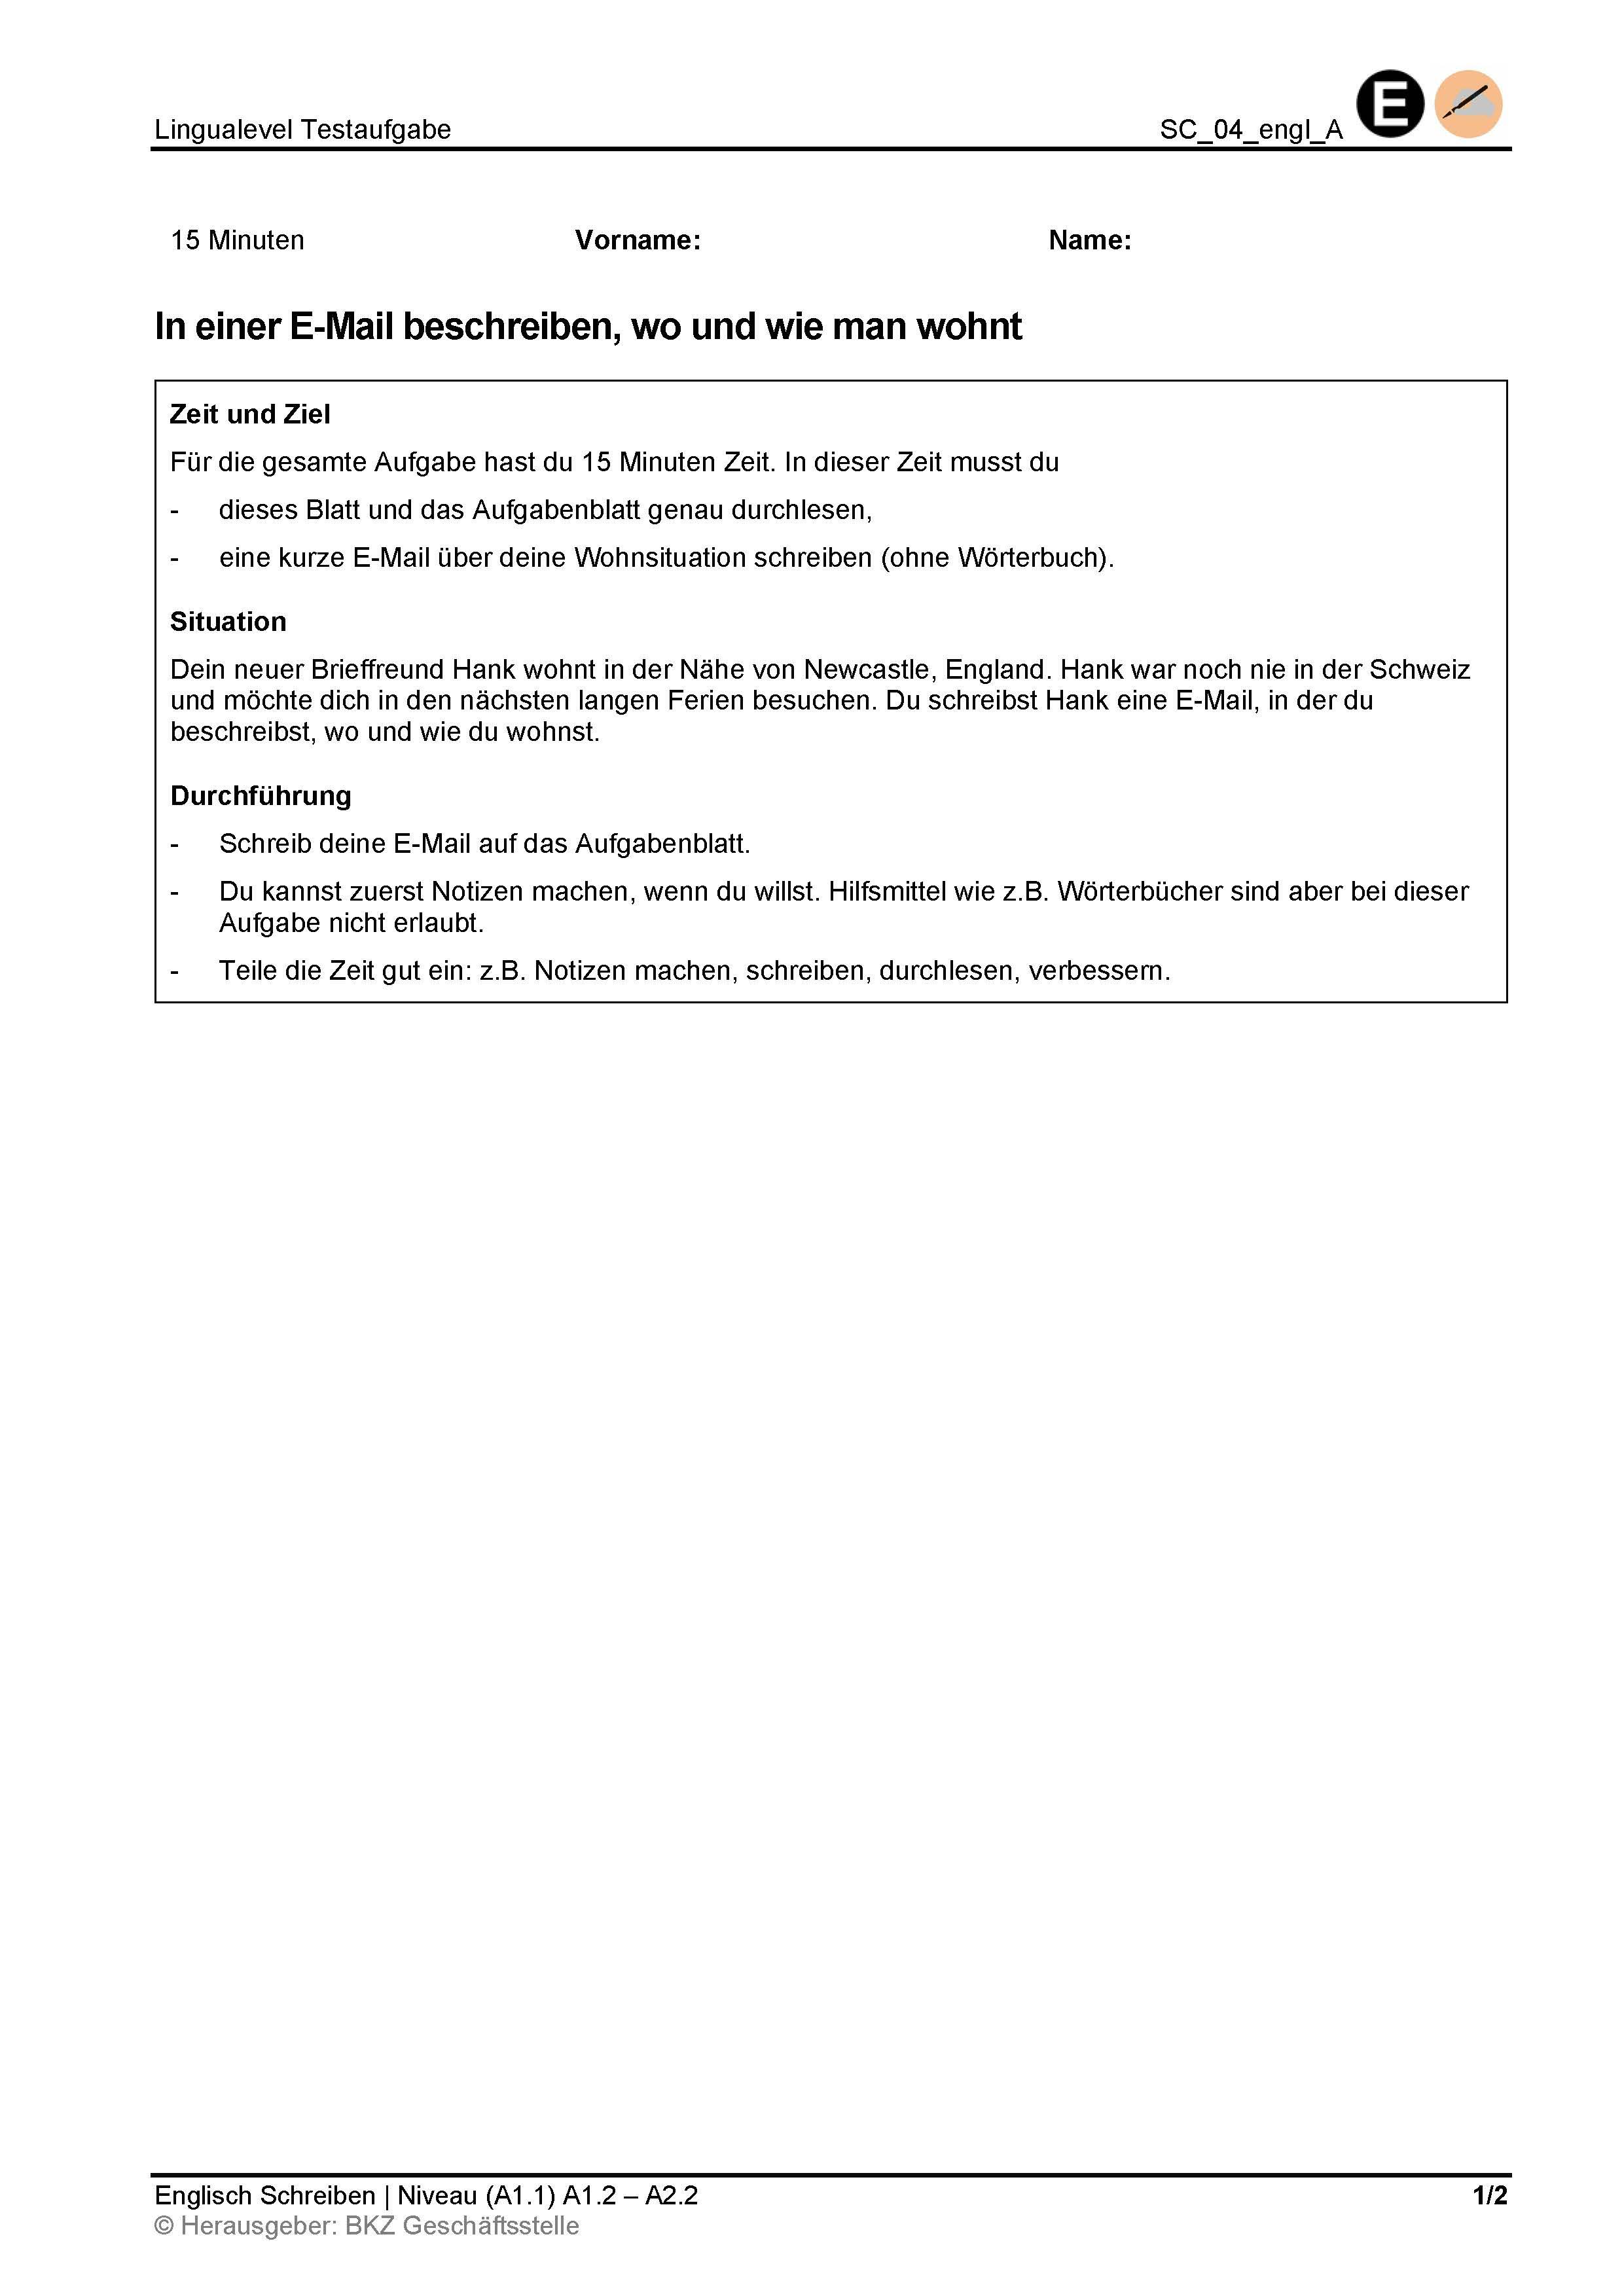 Preview image for LOM object Schreiben: In einer E-Mail beschreiben, wo und wie man wohnt